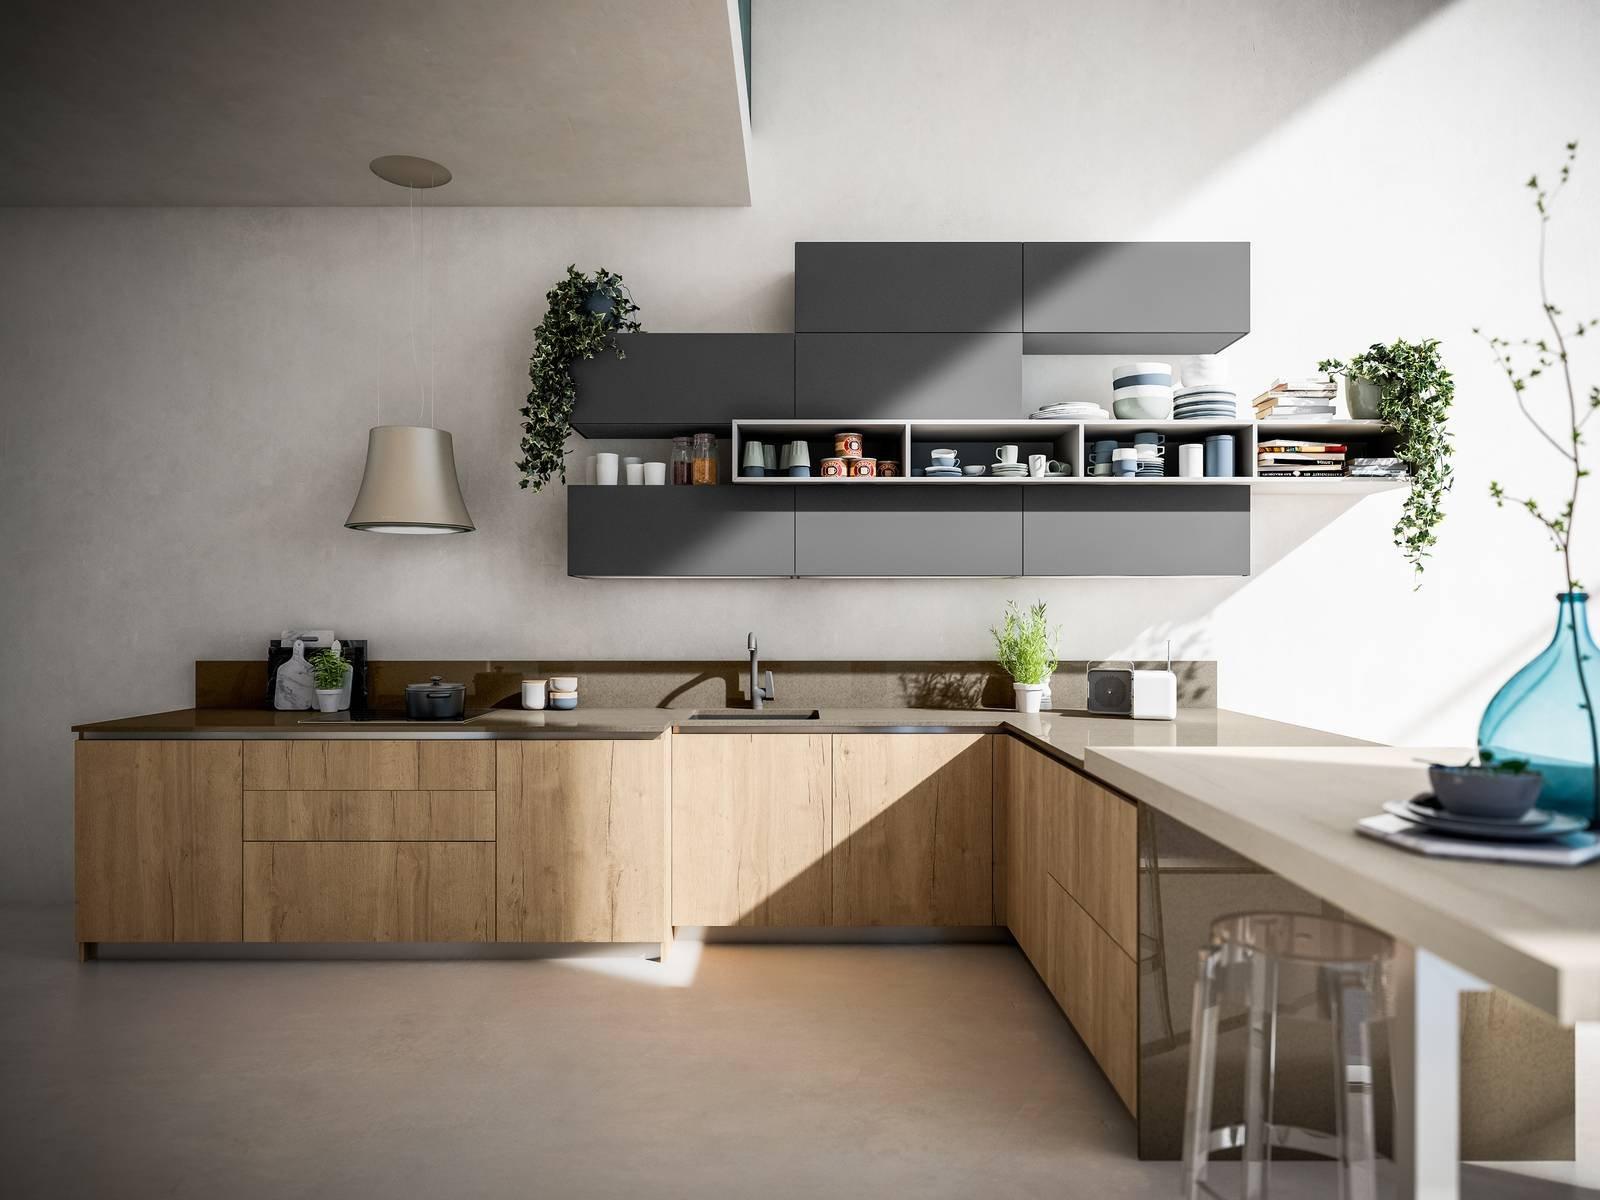 Cucina effetto legno la bellezza dell 39 essenza con i vantaggi economici dei materiali che la - Arrex cucine moderne ...